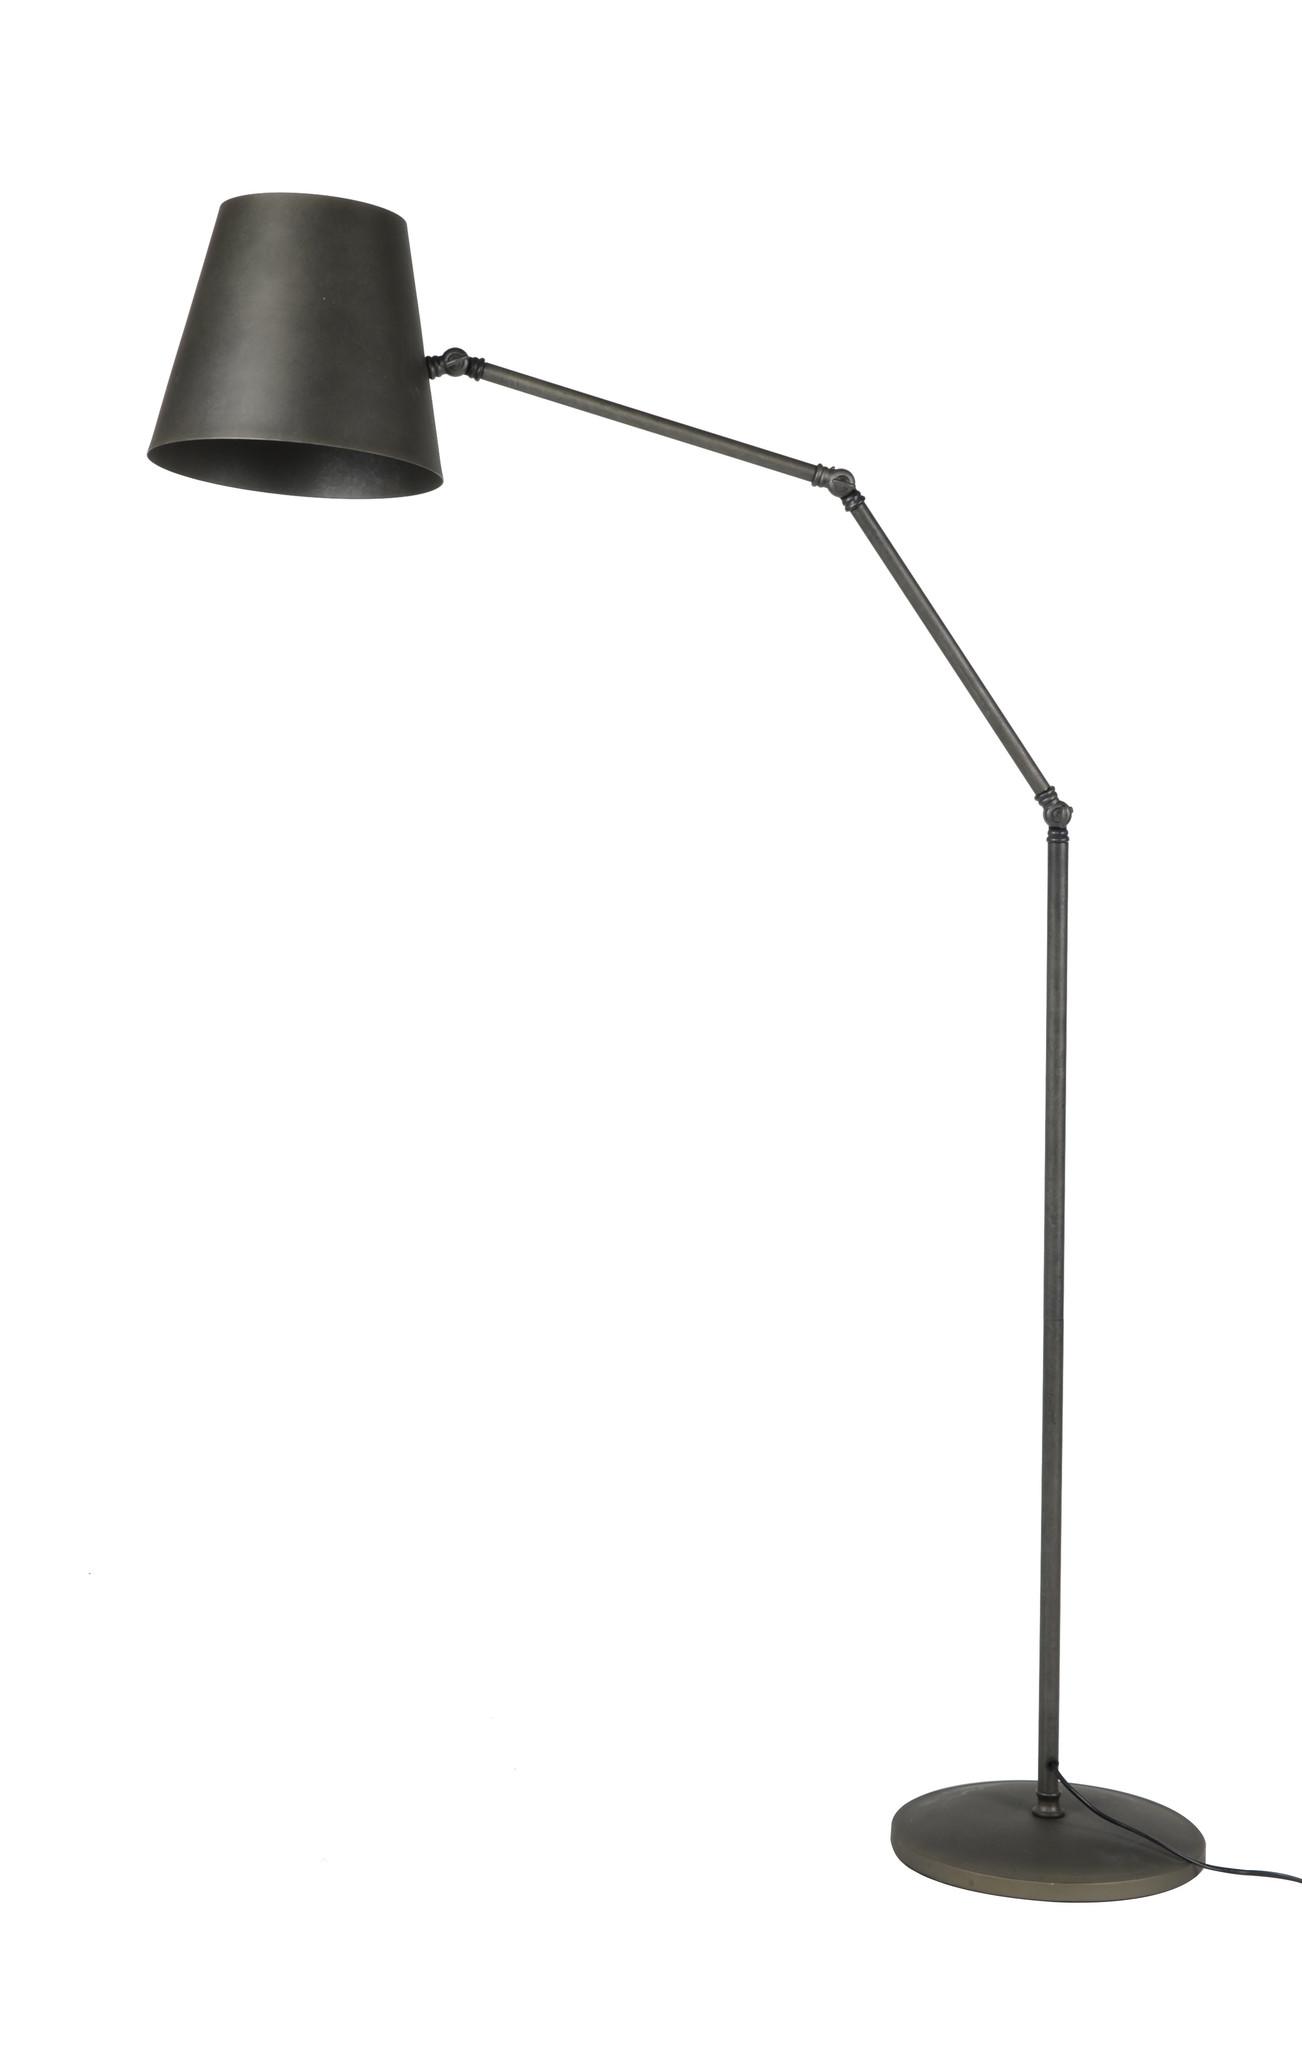 Duverger Retro Industry - vloerlamp - arm knik verstelbaar - metaal